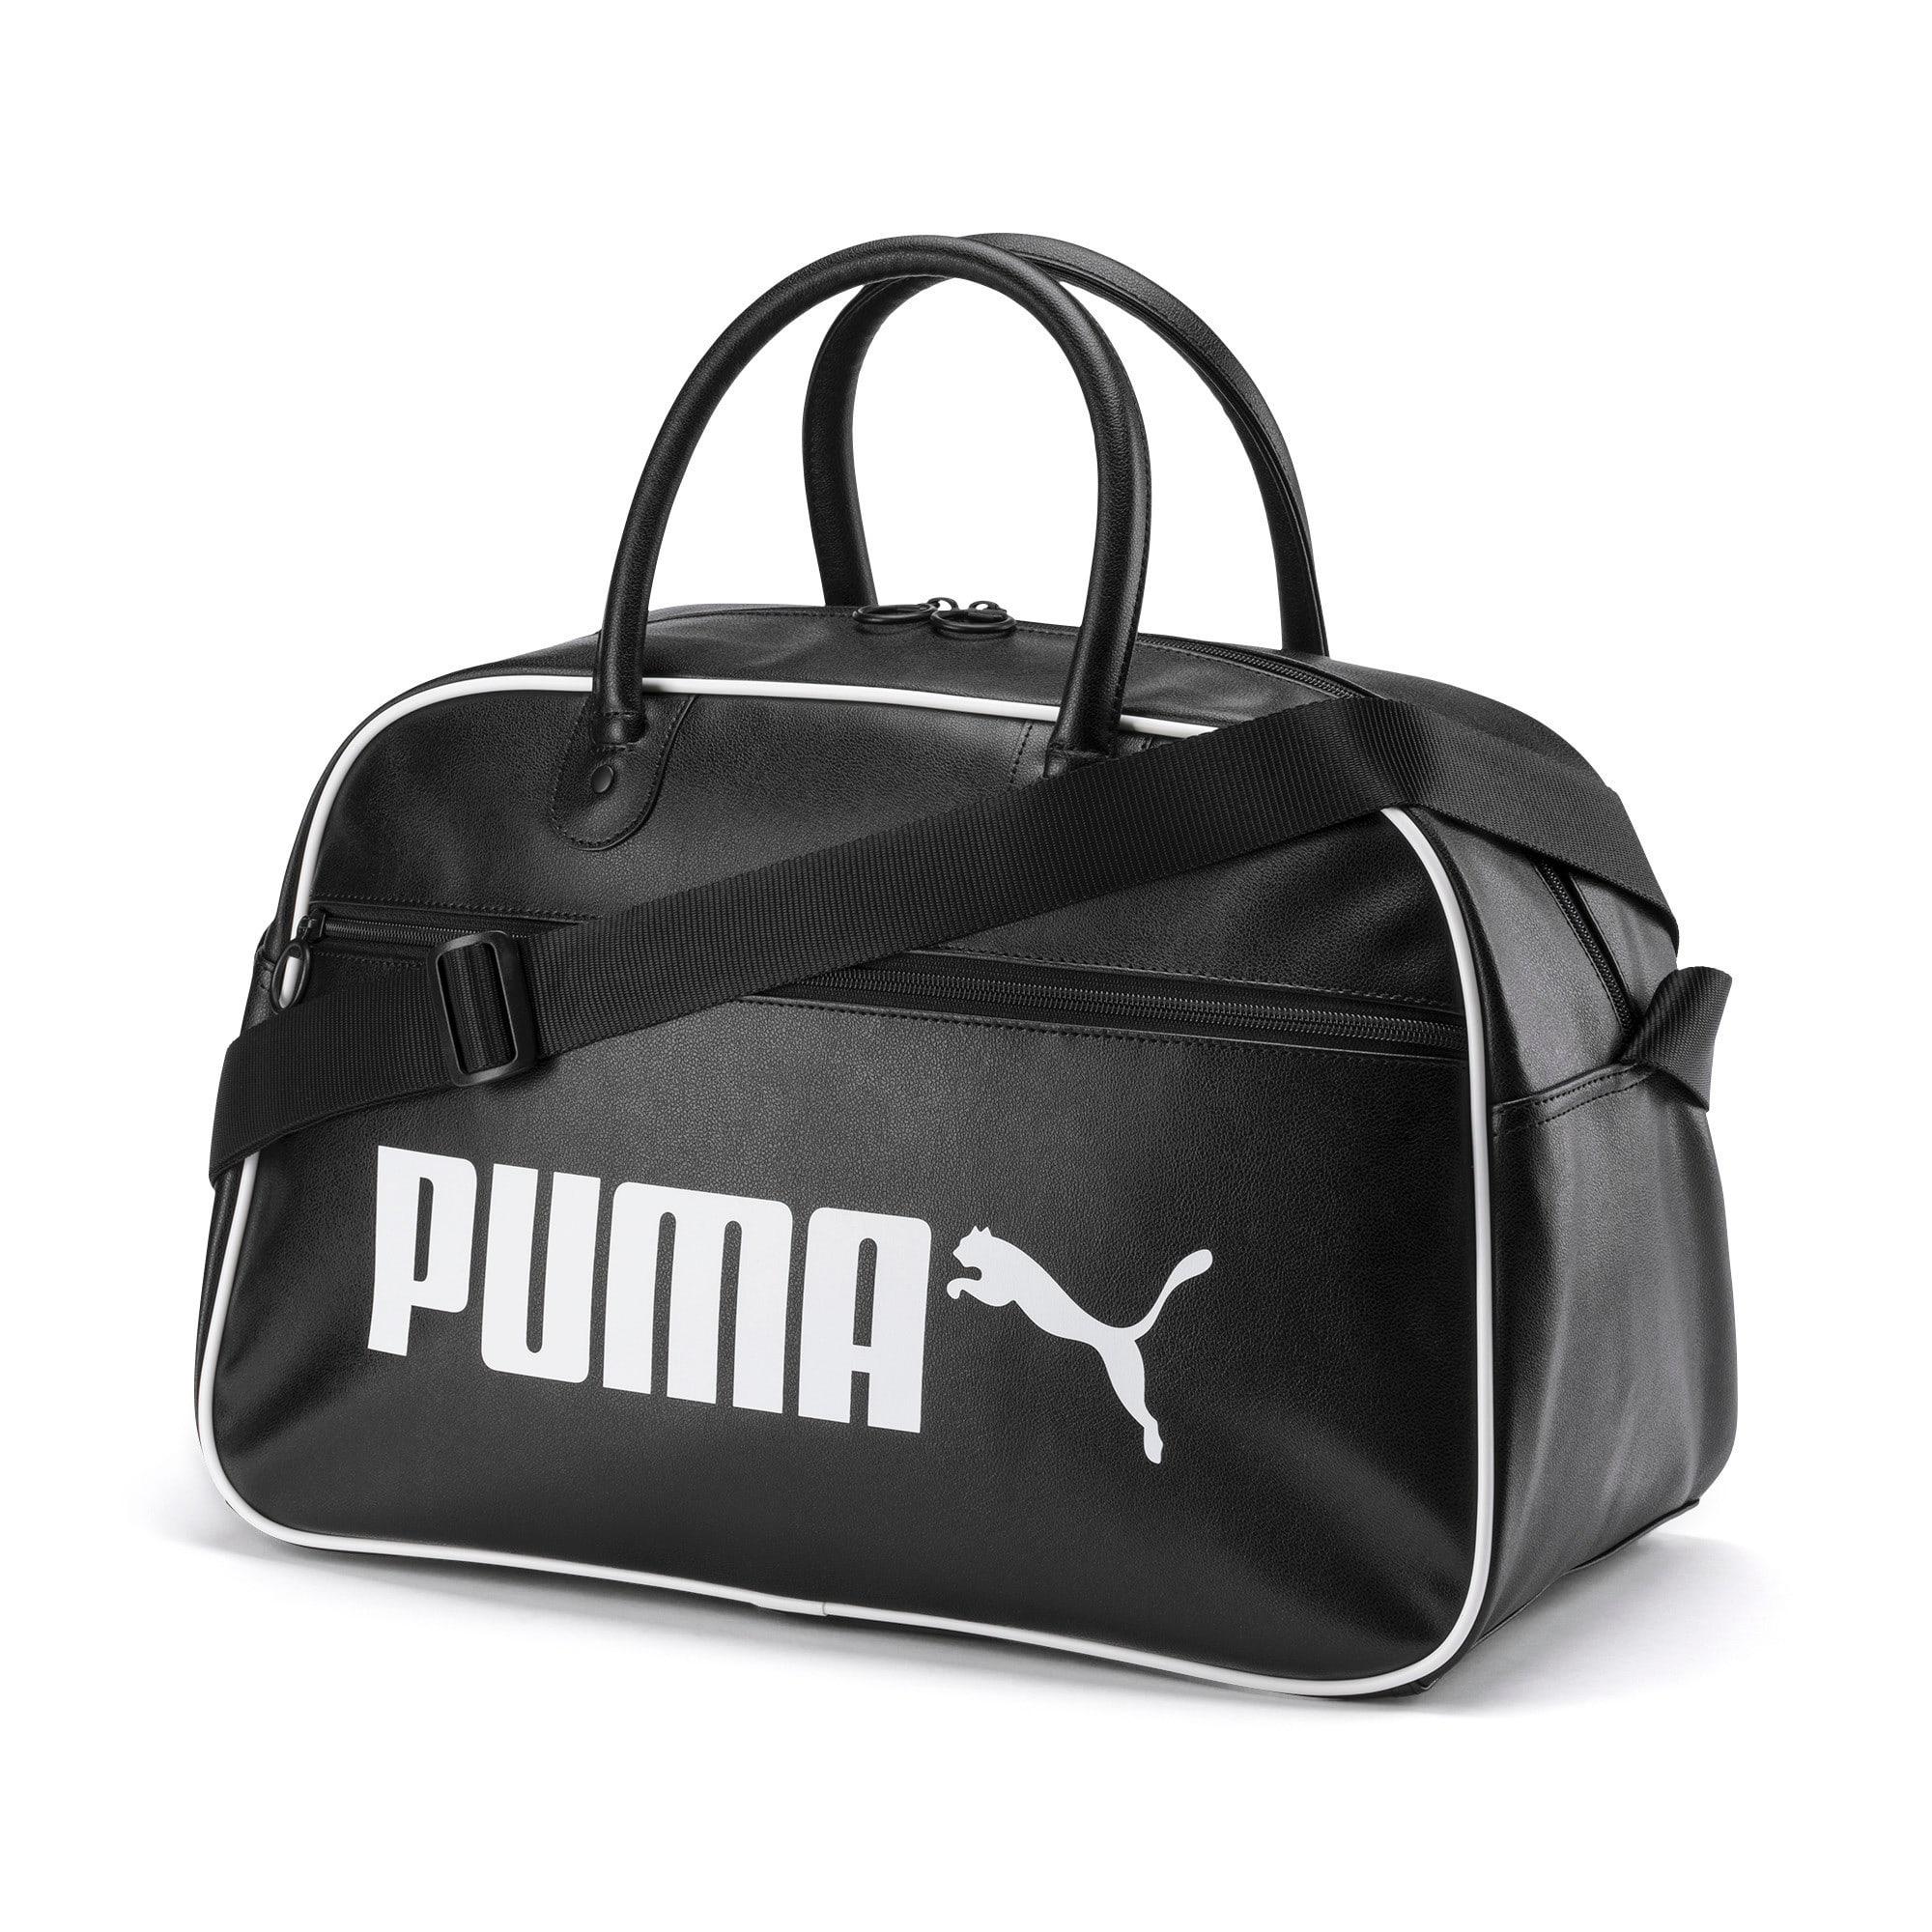 Thumbnail 1 of Campus Retro Grip Bag, Puma Black, medium-IND